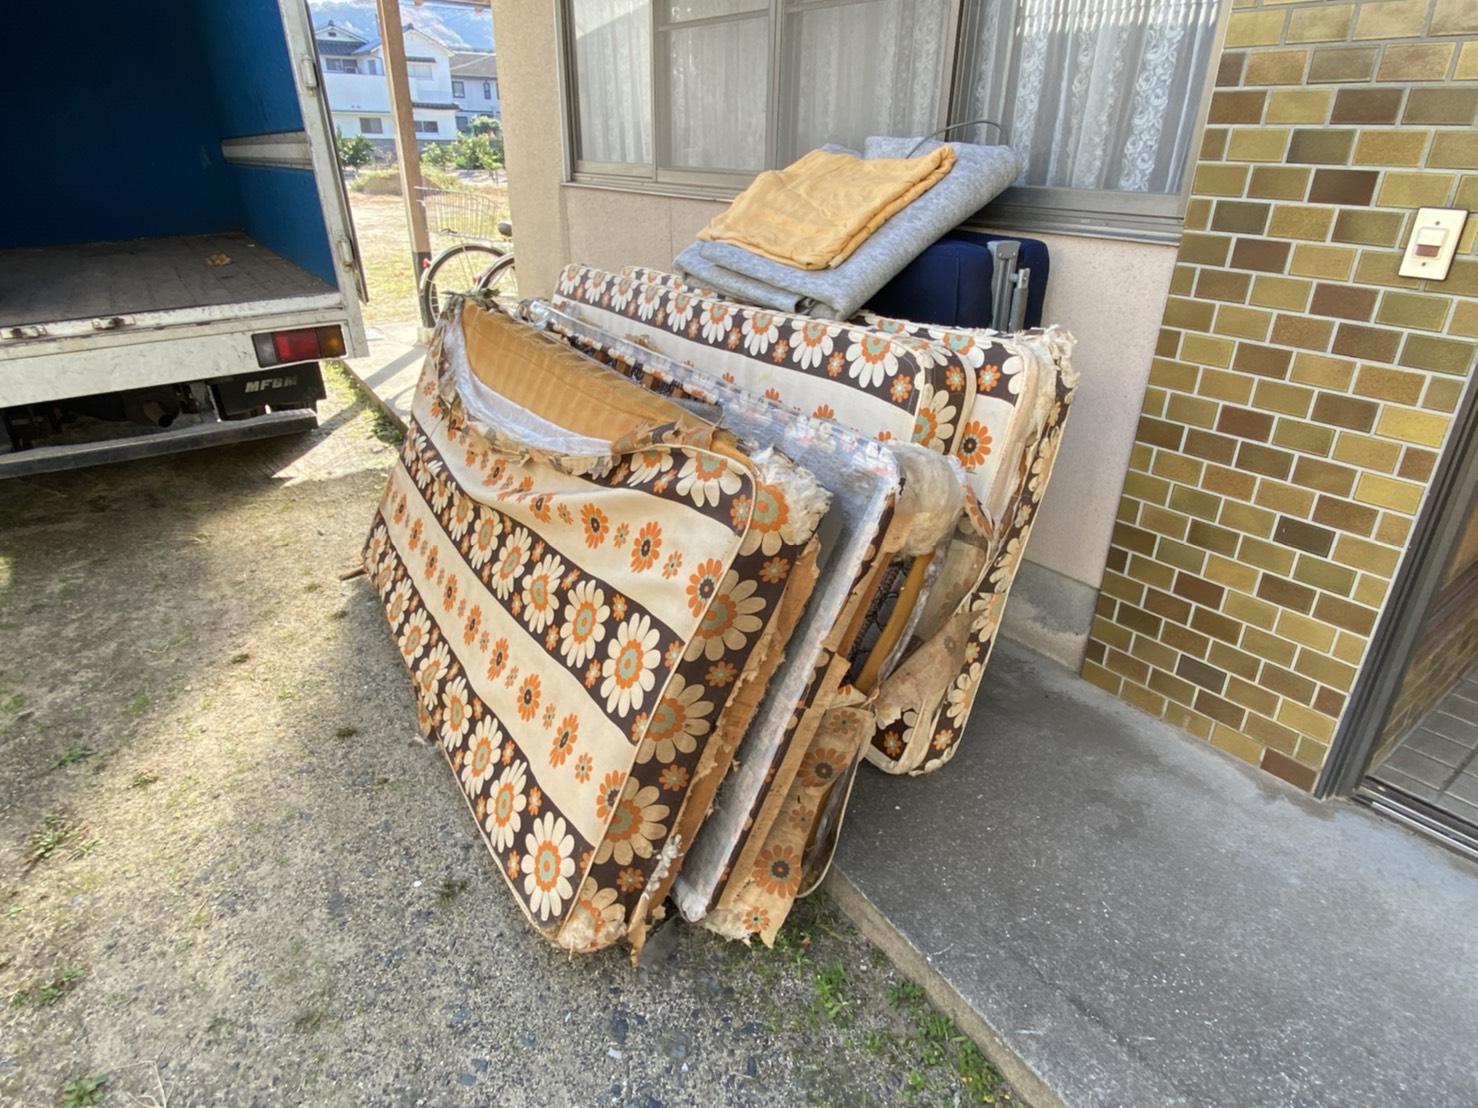 マットレス、折り畳みベッド、カーペットの回収前